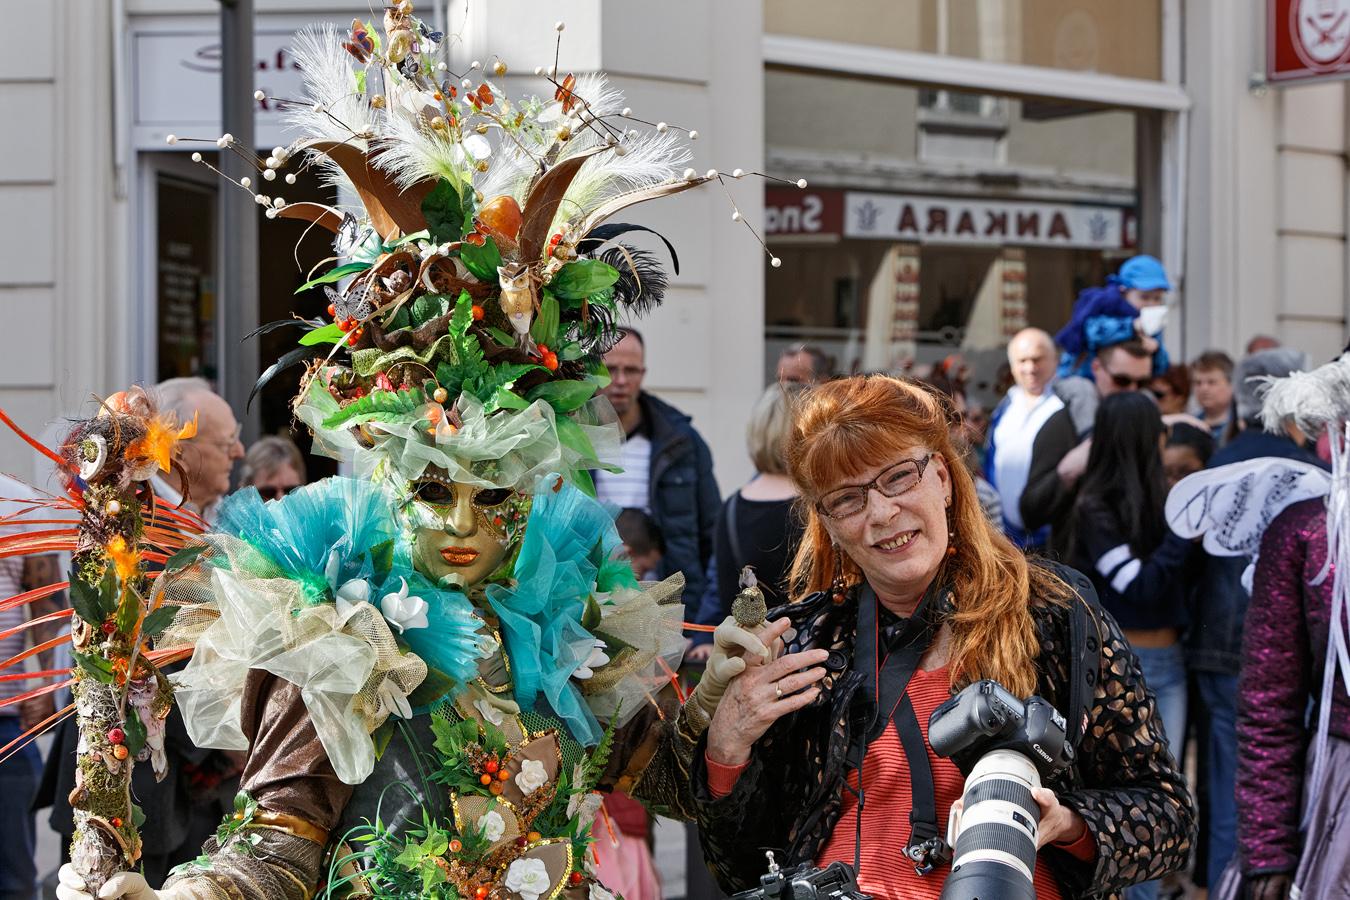 Carnaval vénitien à Longwy - le 02 avril 2017 - photos d'ambiance _mg_5196-51fb003